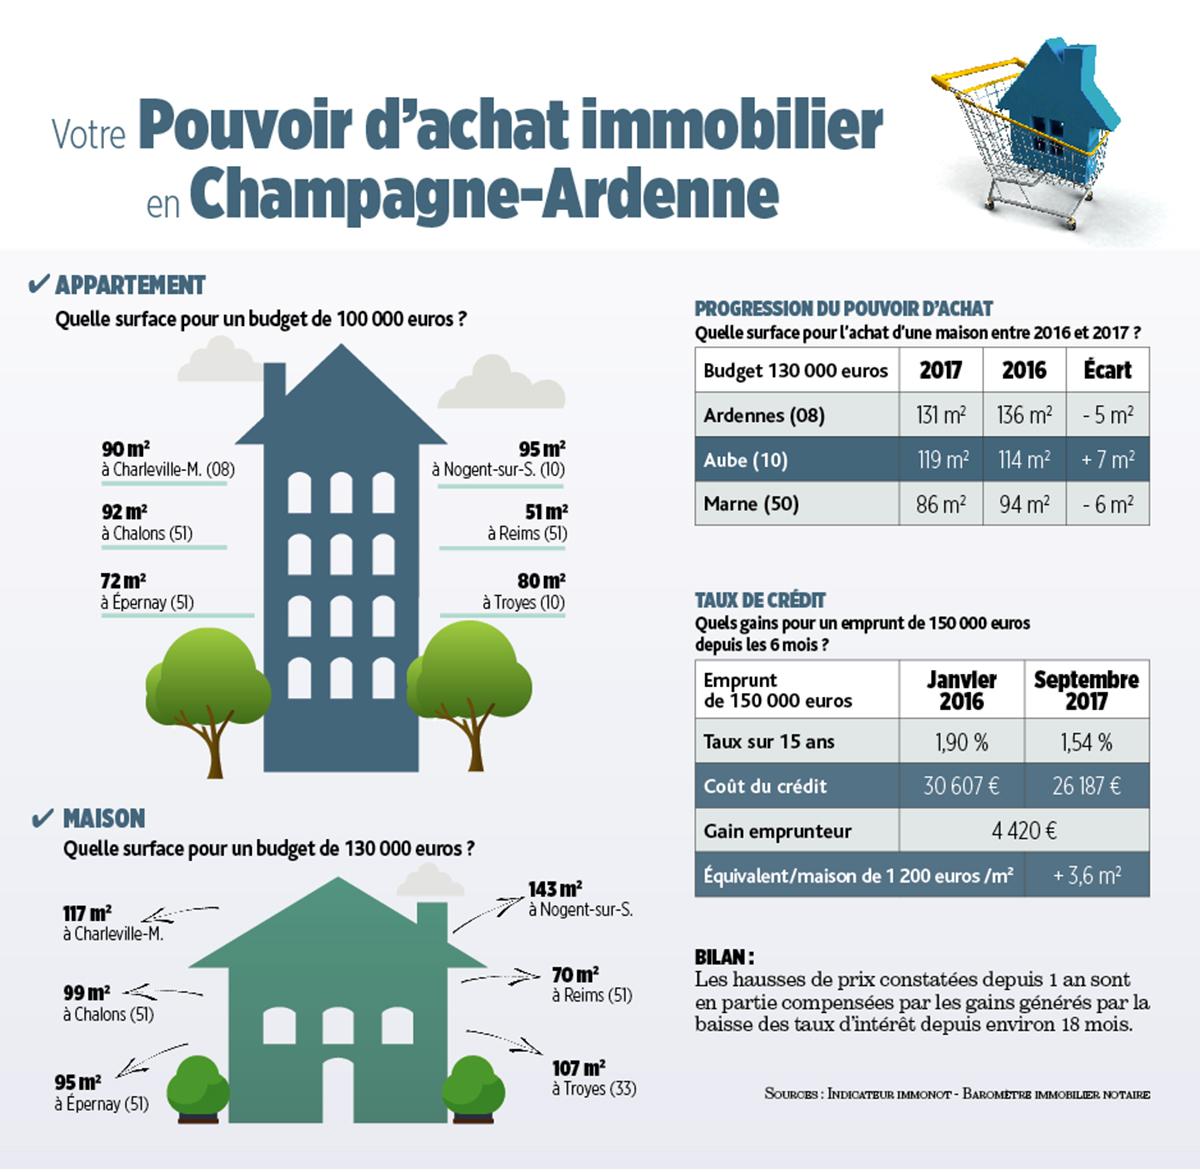 immobilier en champagne ardenne quelle maison pour 130 000 euros. Black Bedroom Furniture Sets. Home Design Ideas